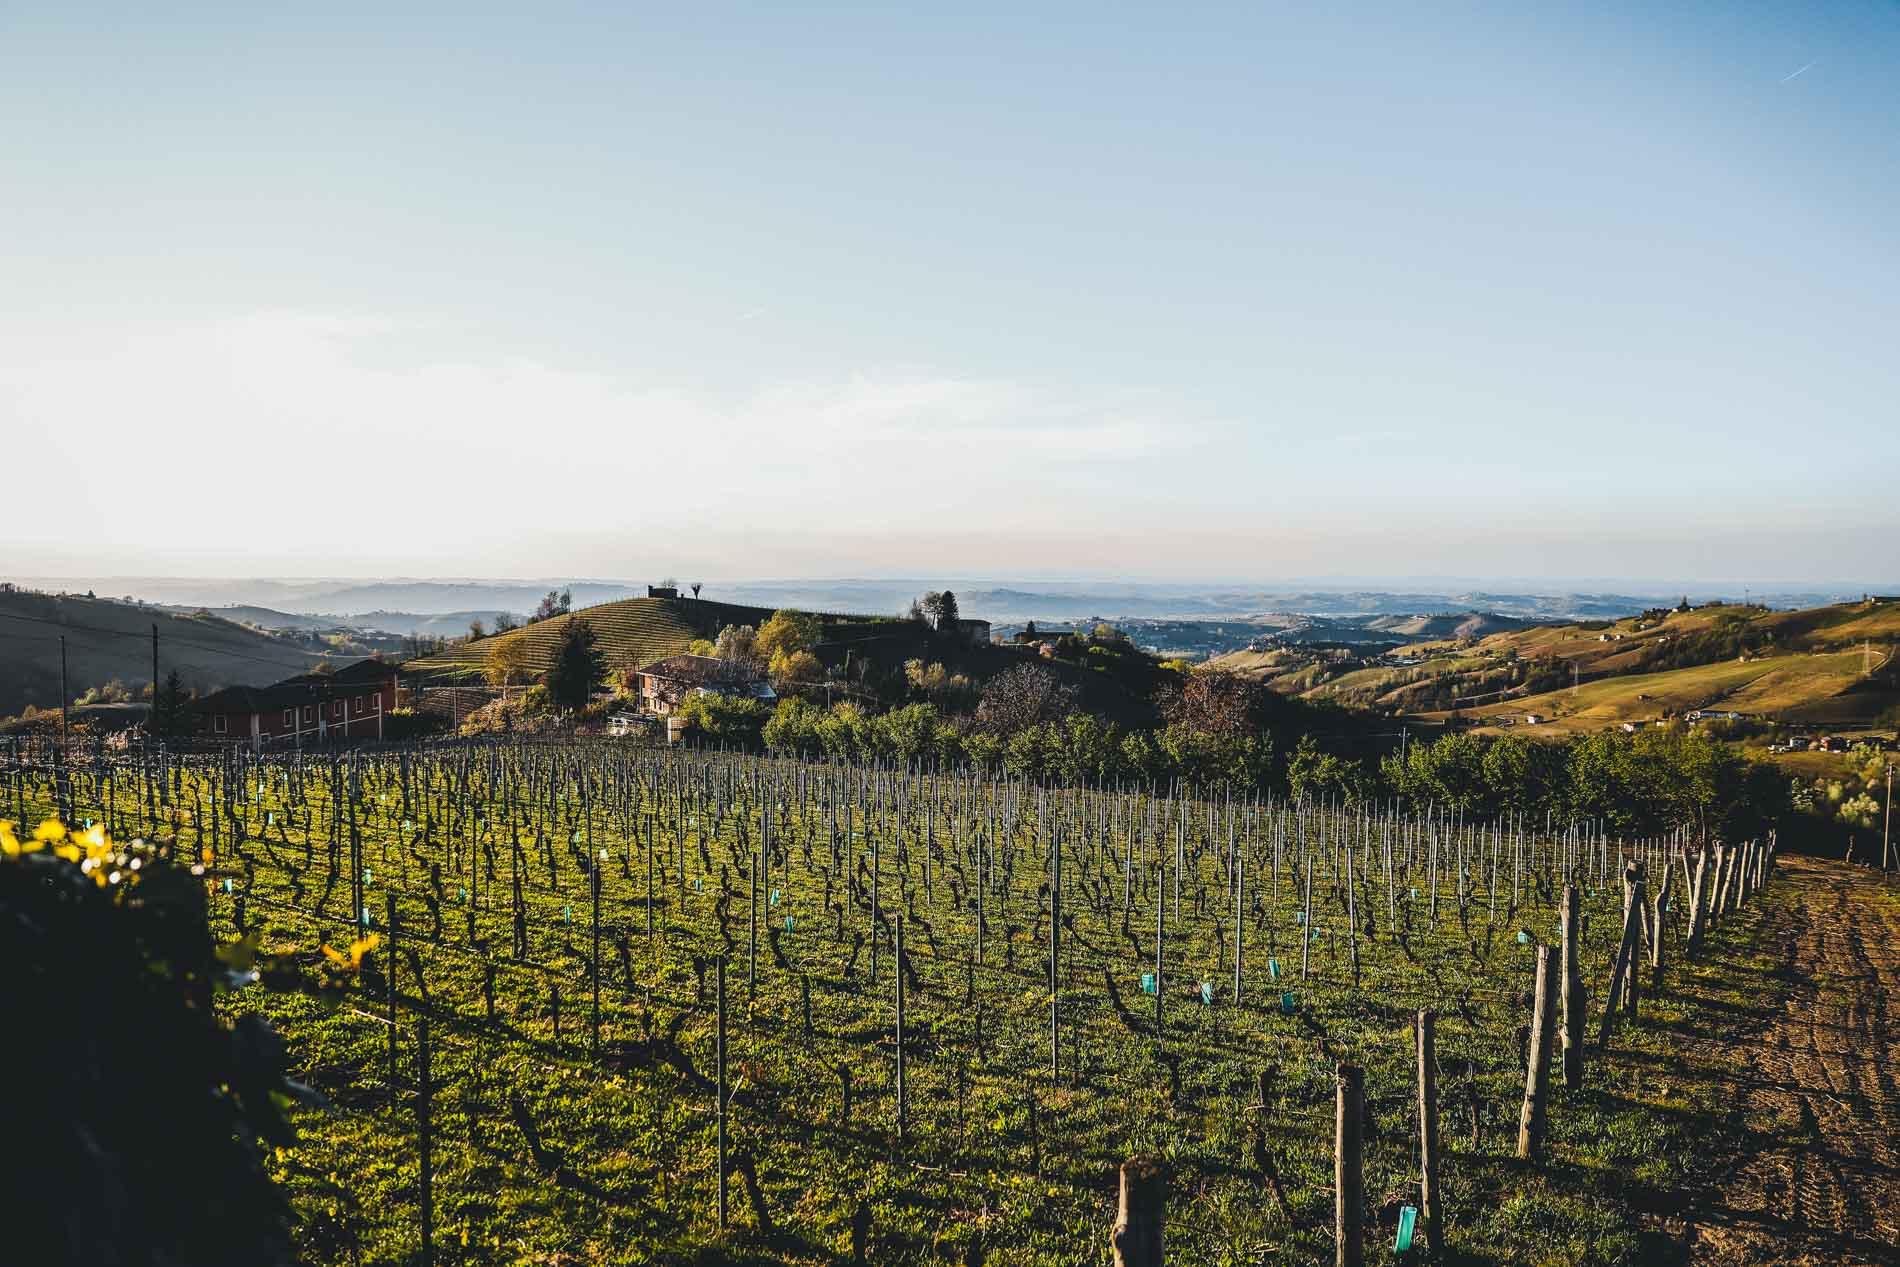 Die Region Langha im Piemont wird auch als das Land mit den 1000 Hügeln betitelt. Ein absoluter Traum, der selbst die Toskana in den Schatten stellt.